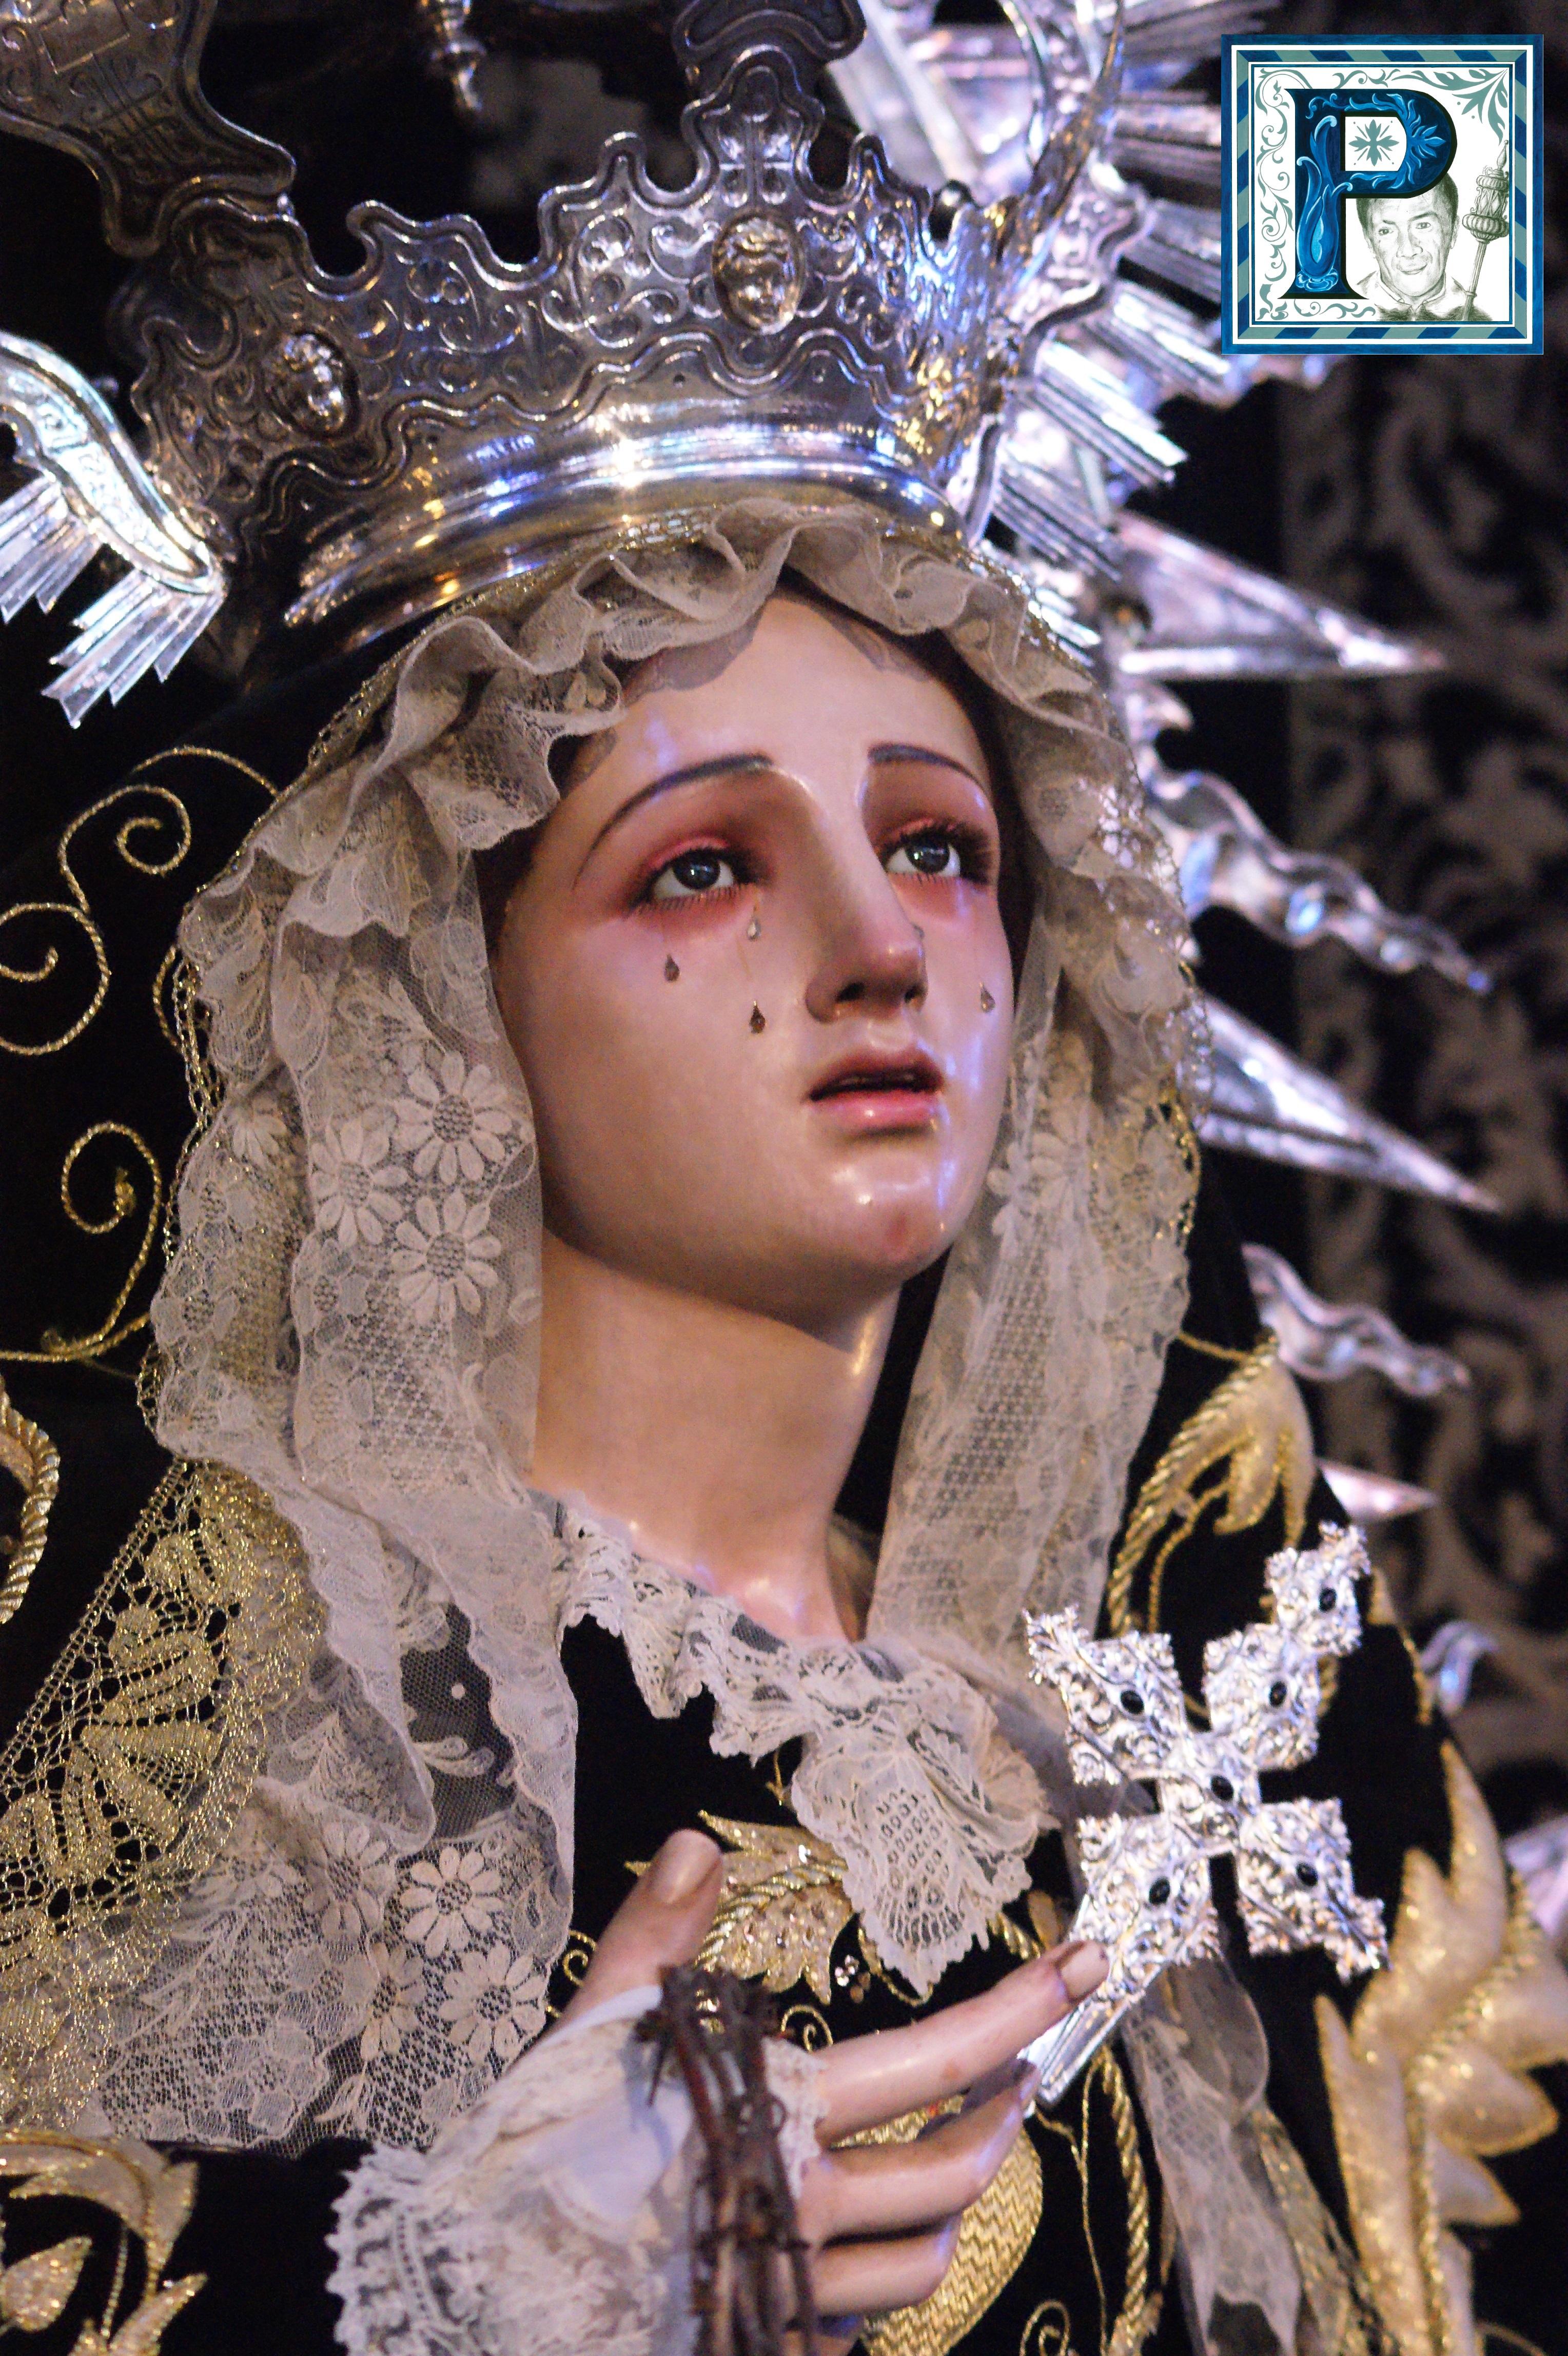 La Virgen de la Encarnación, Esperanza, O, Paz y Concordia, Ángeles, Rosario de los Montañeses y Traspaso ataviadas para la festividad de los Fieles Difuntos